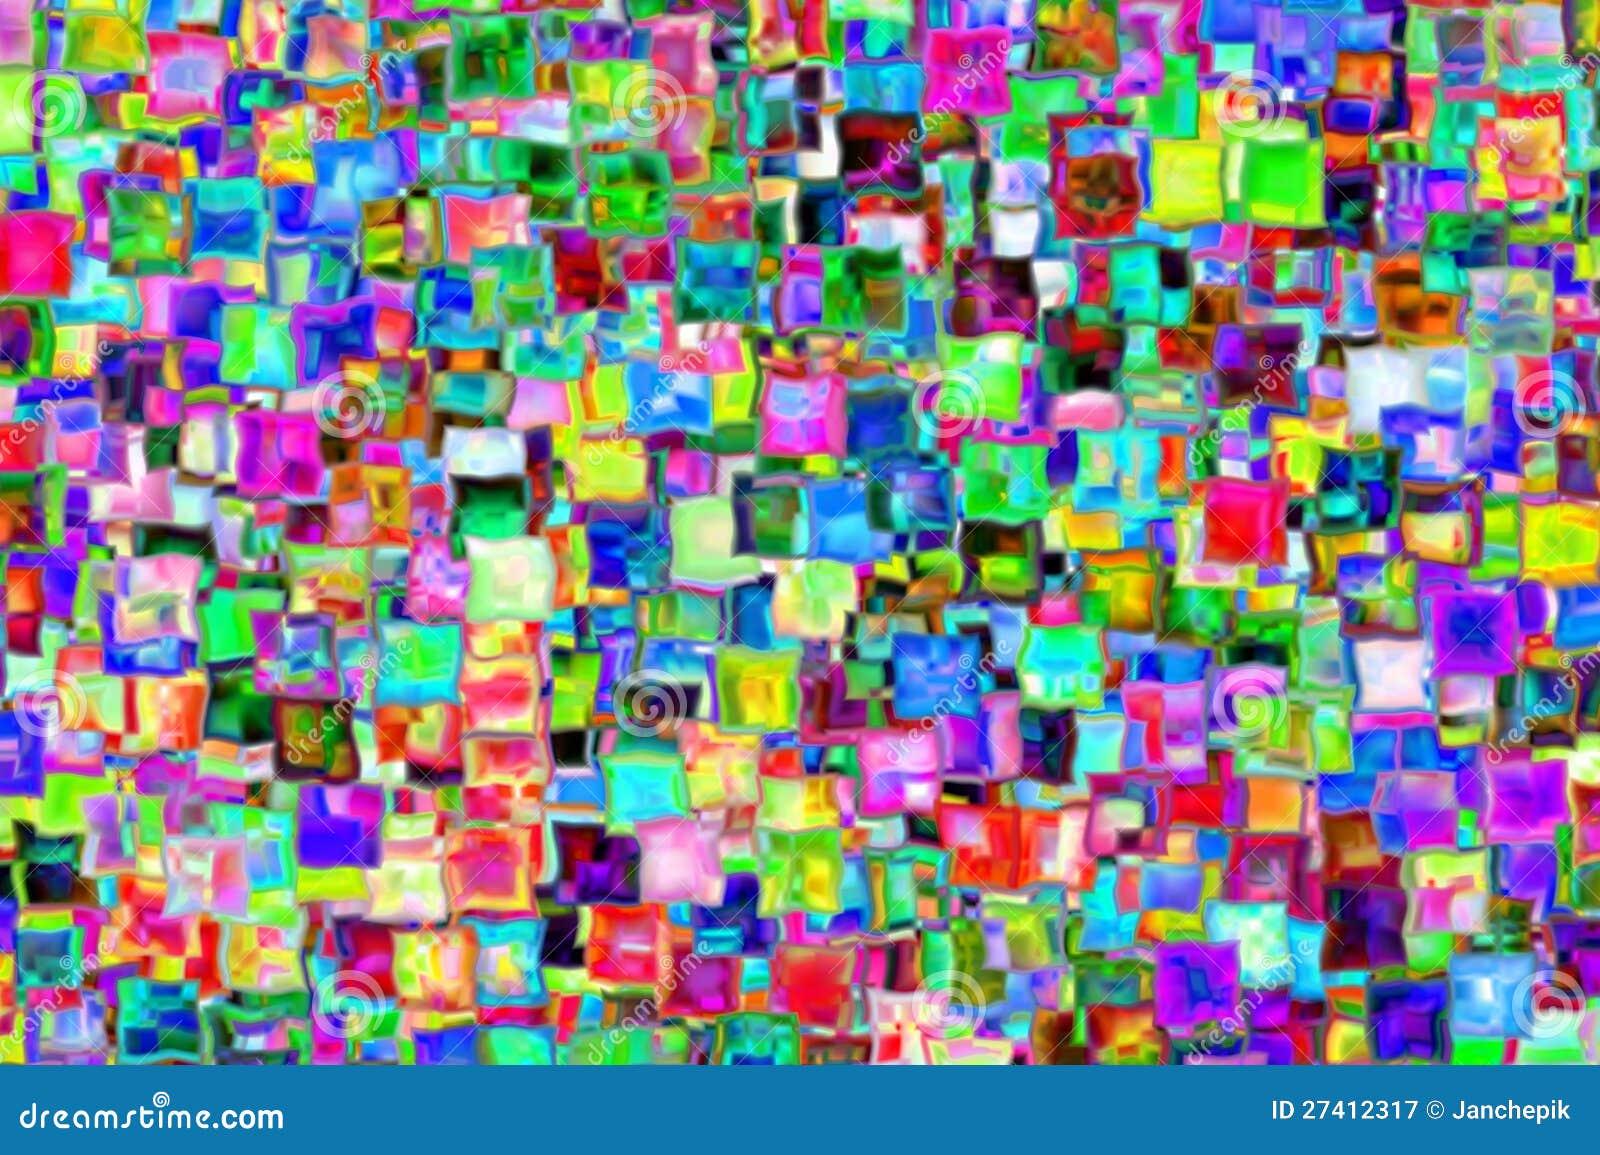 Immagine a memoria d'immagine sotto forma di colorfull quadra da